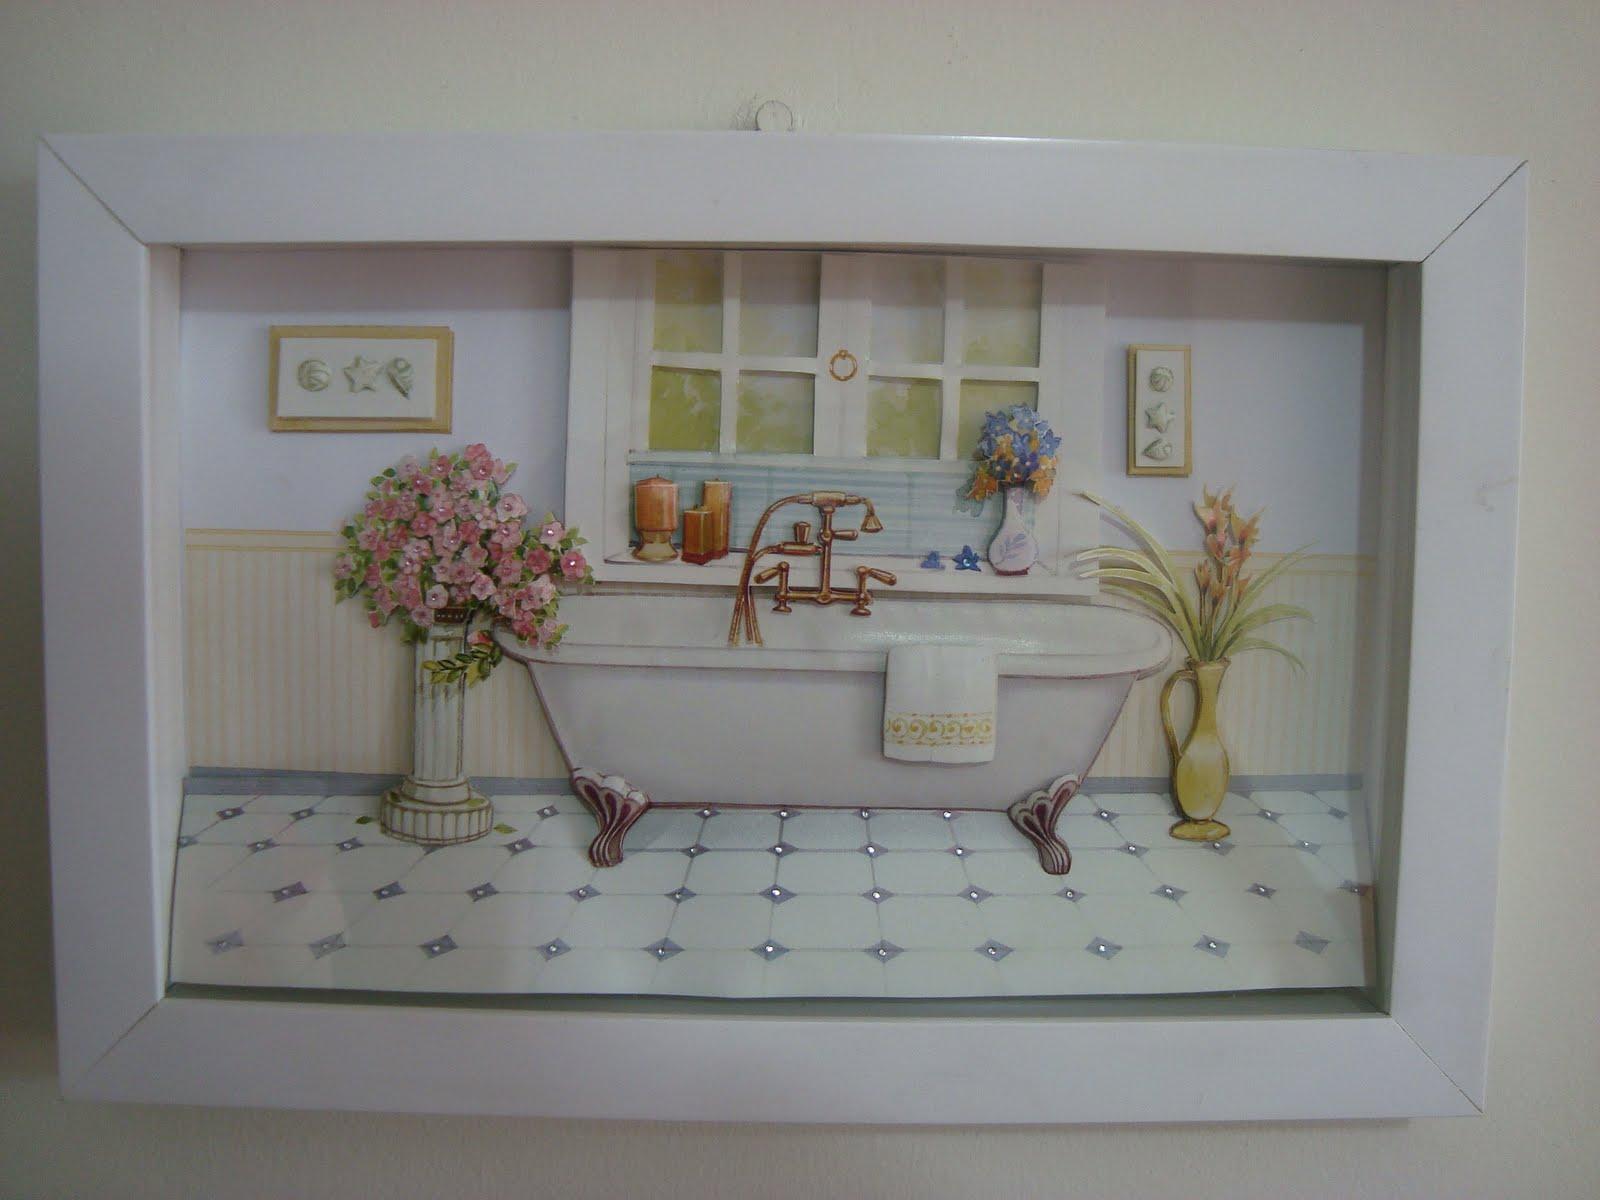 #634B3D PATYWORK: Quadro para Lavabo ou Banheiro em Arte Francesa 1418 Quanto Custa Uma Janela De Aluminio Para Quarto